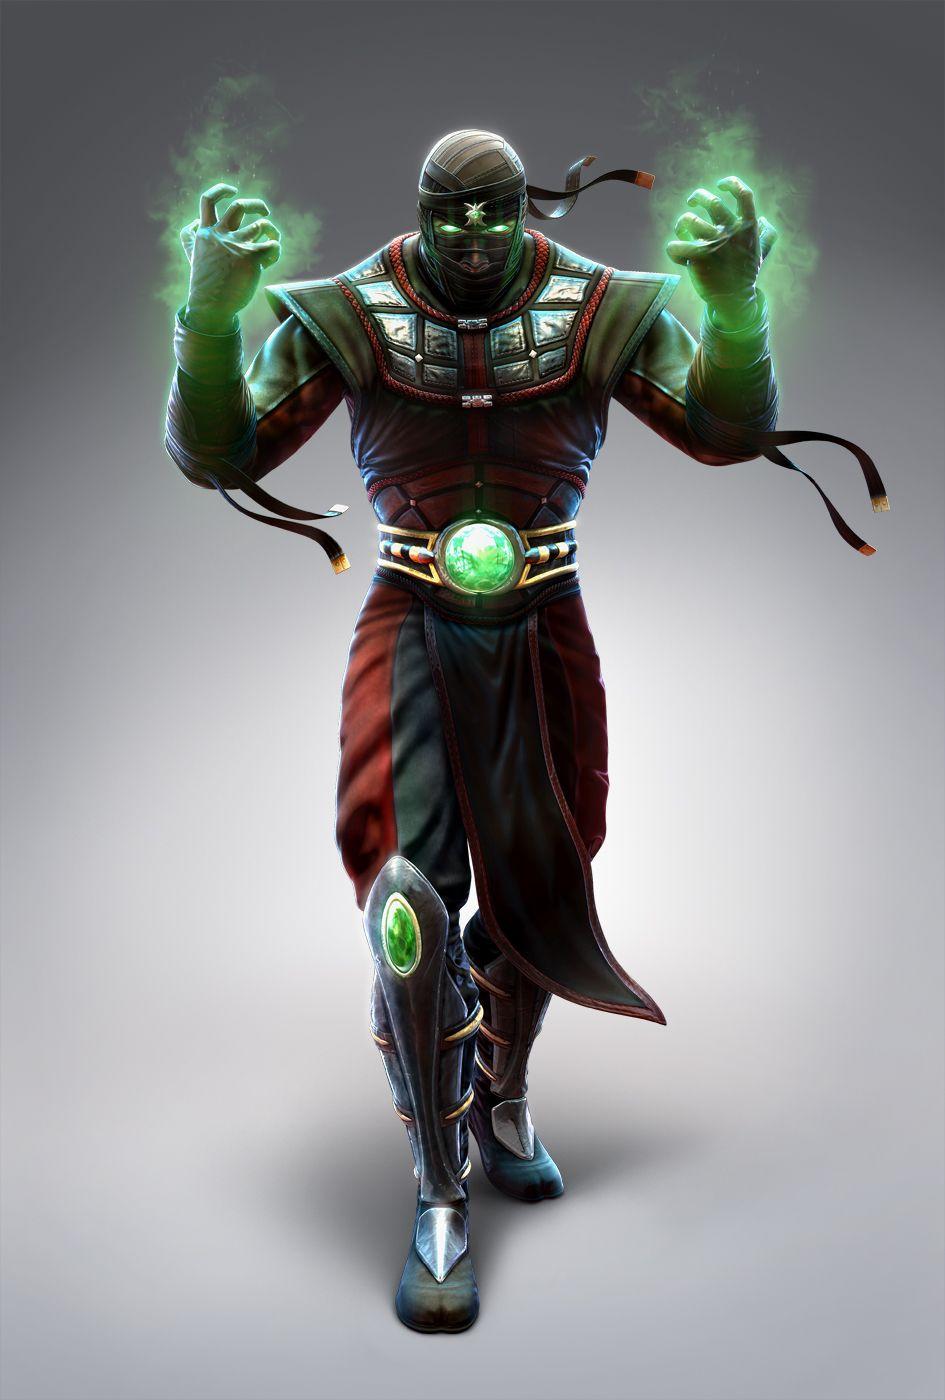 Mortal Kombat Ermac Ermac Mortal Kombat 2011 Image-4071